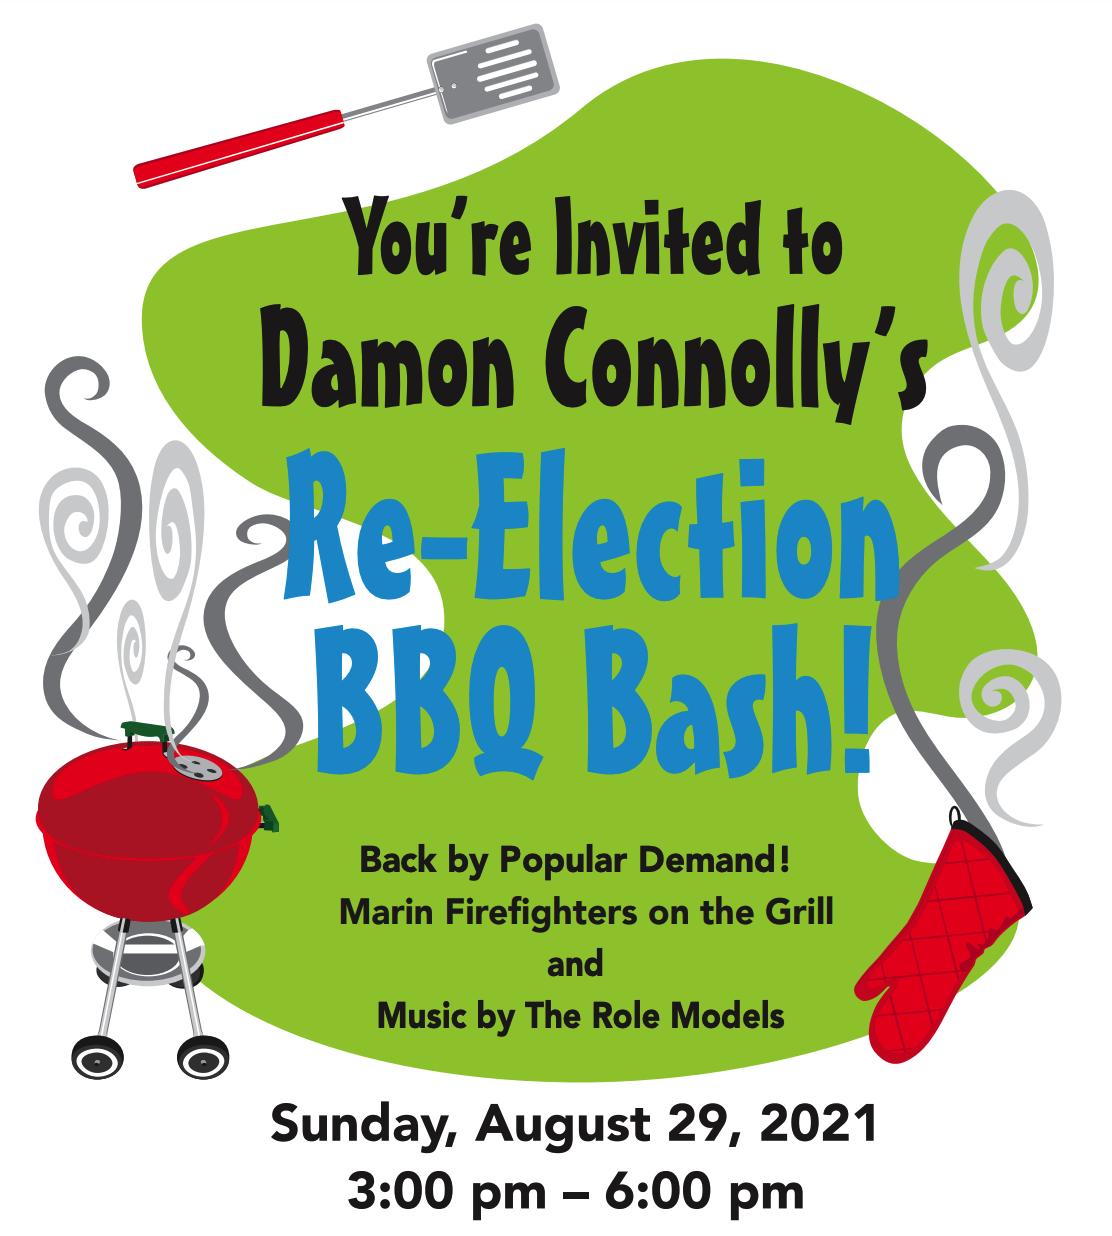 Damon Connolly's BBQ Bash